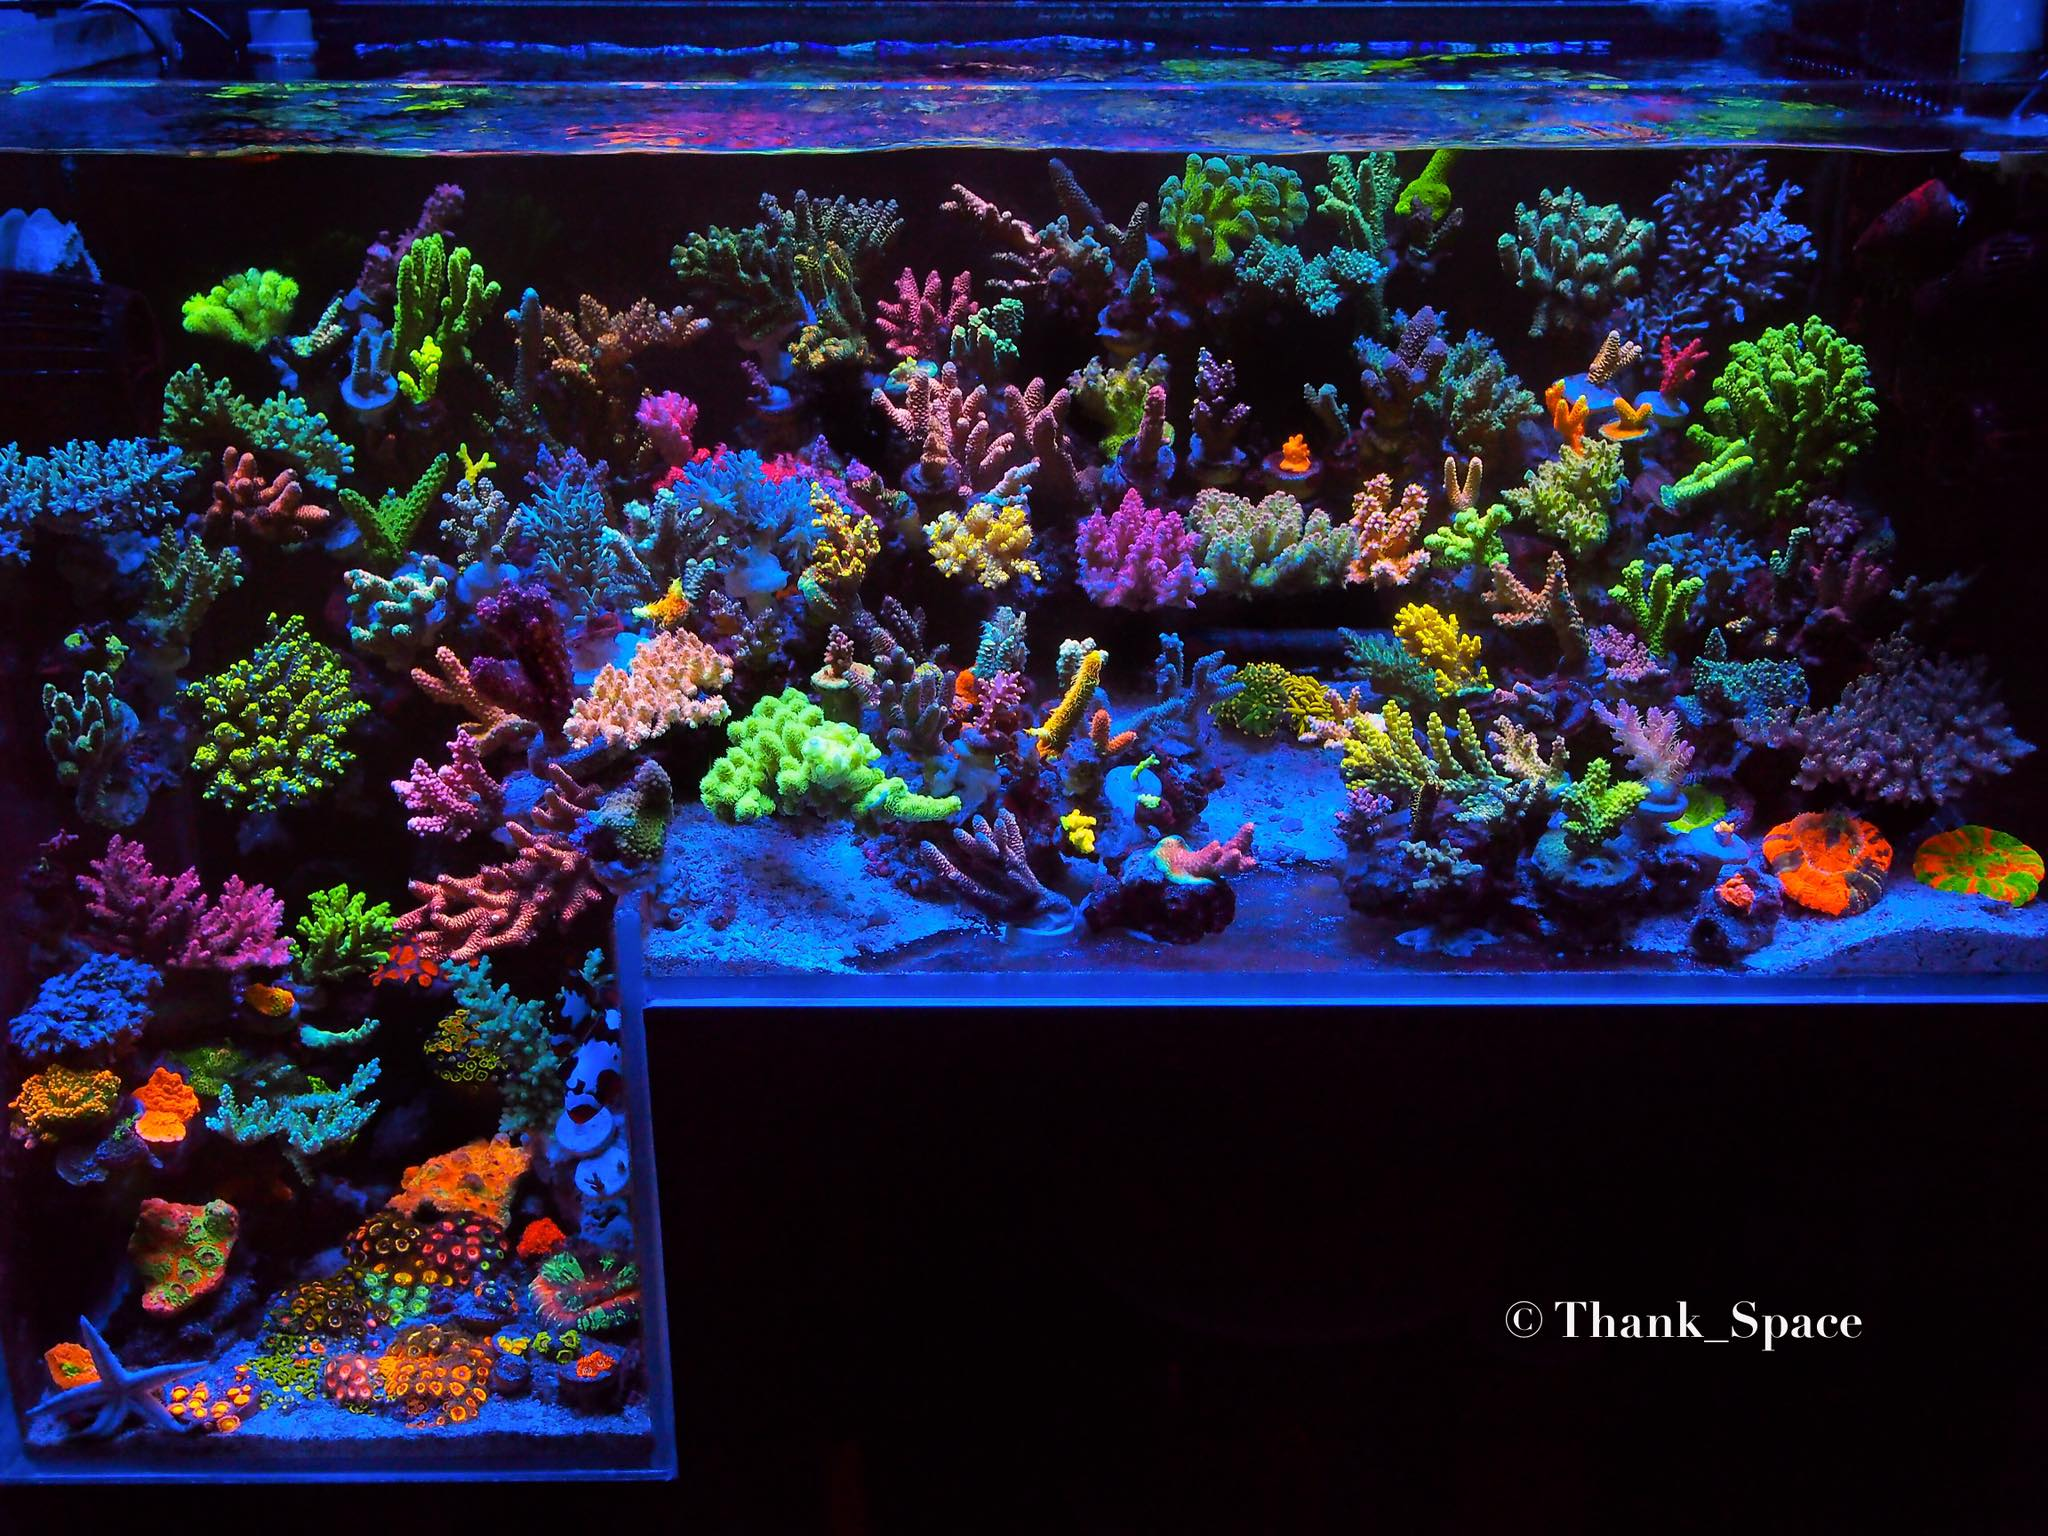 beste-rif-aquarium-kleur